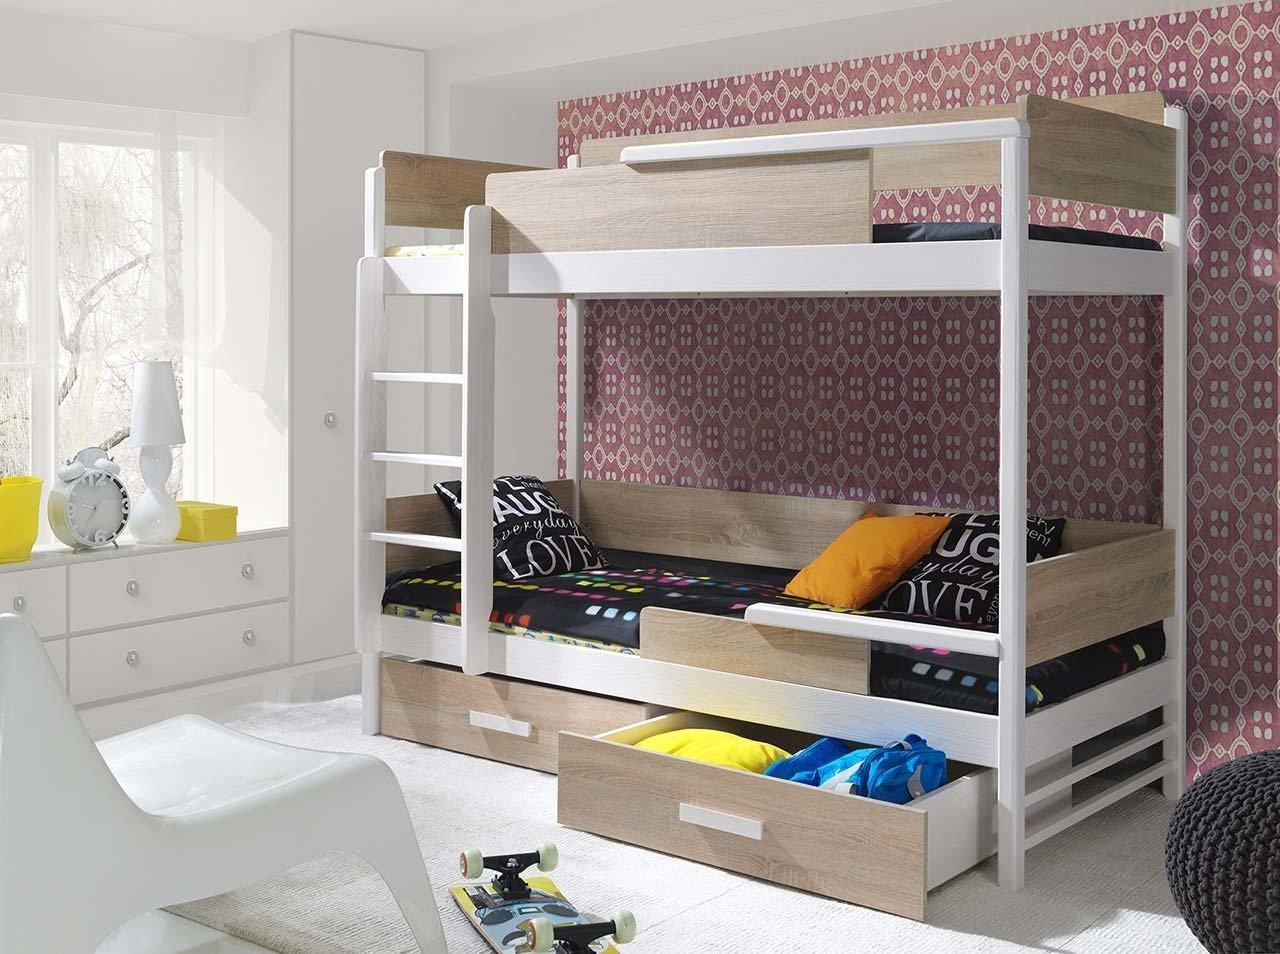 łóżko Piętrowe Tres 2 Osobowe Do Pokoju Młodzieżowego